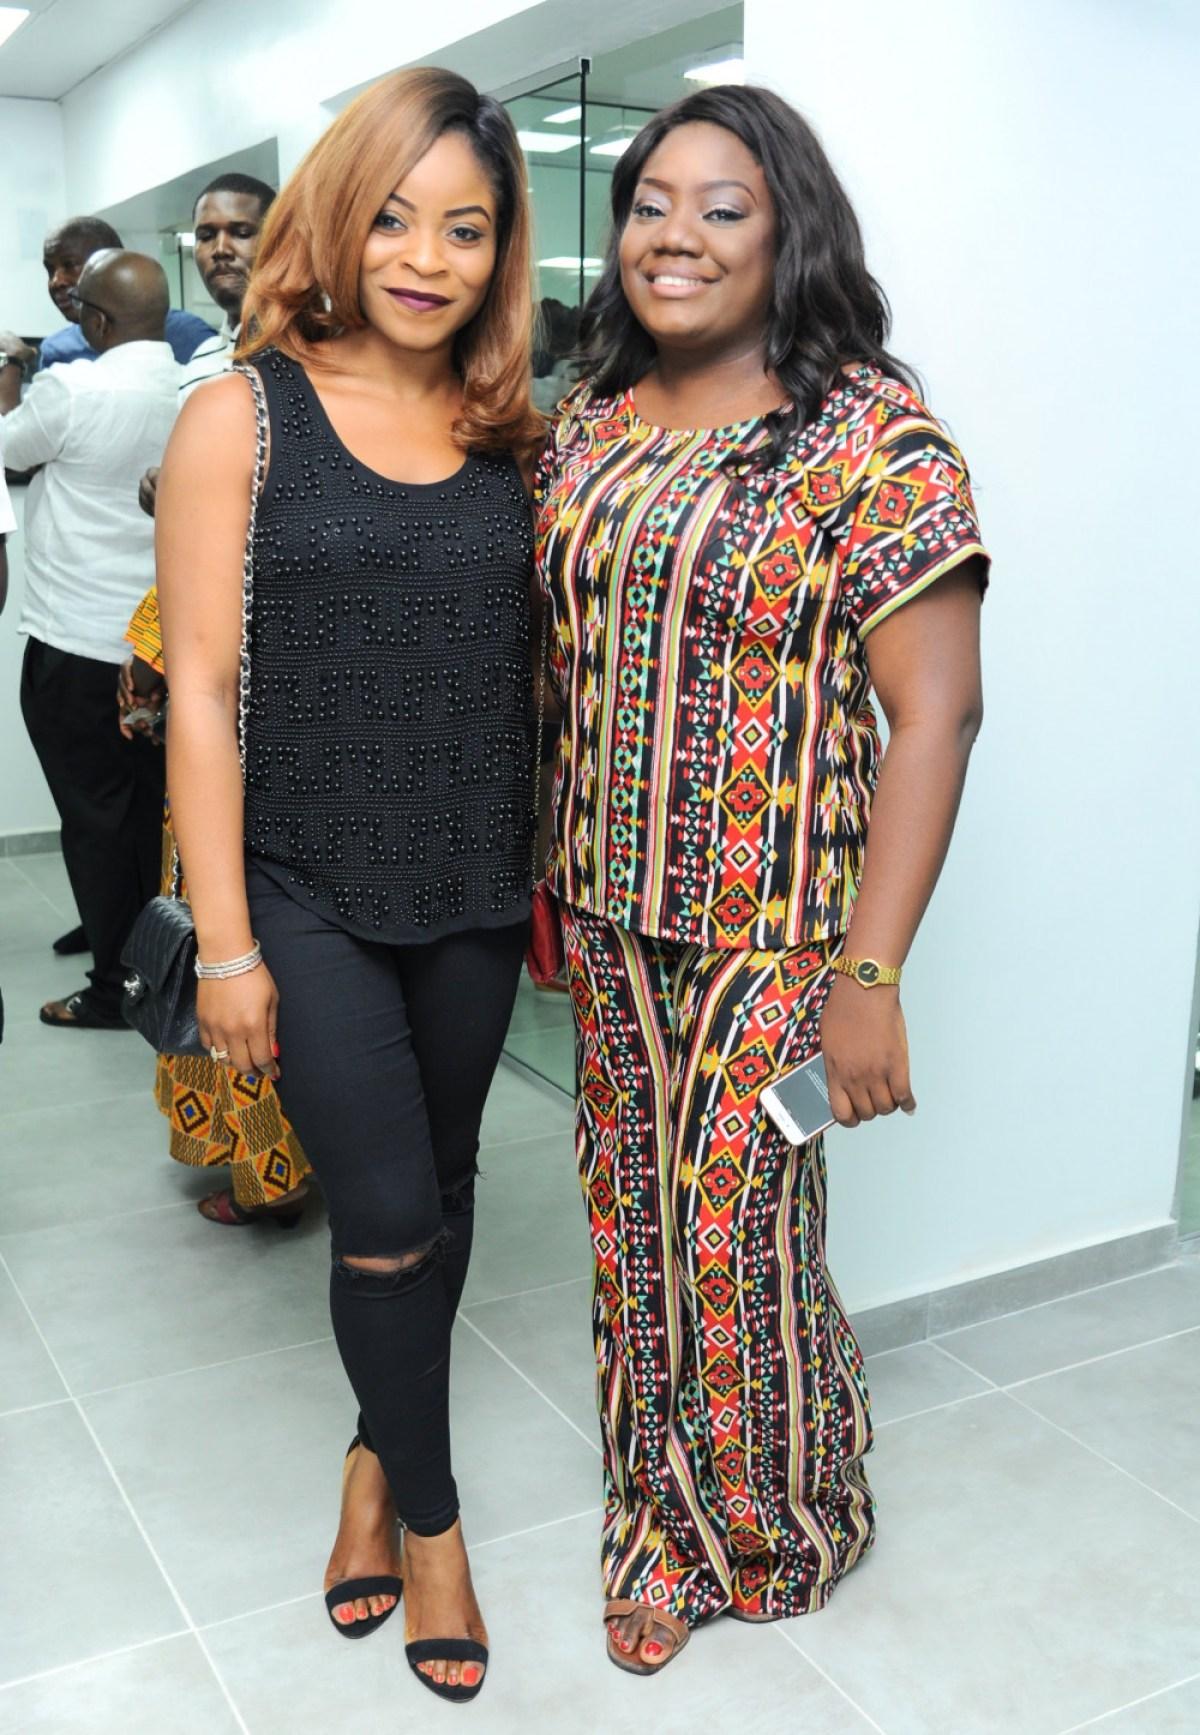 Adetoun Adele and Adewunmi Akanni-Aluko